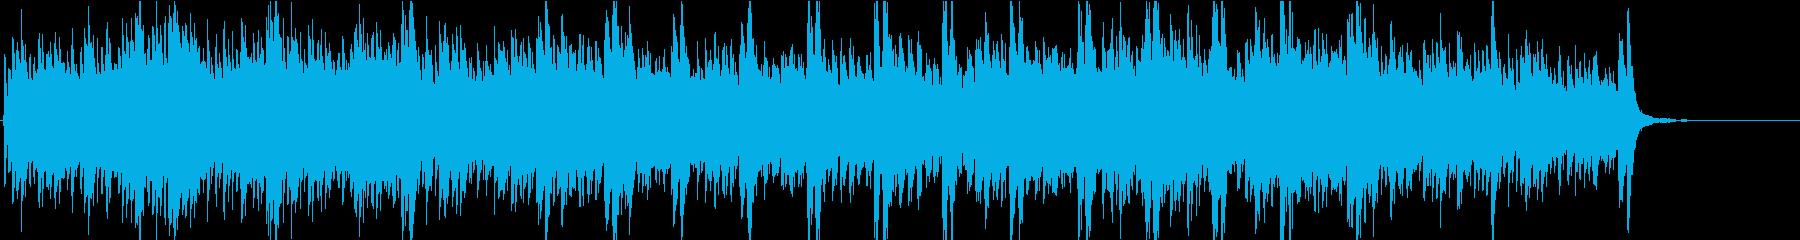 オーケストラ楽器刺激的な瞑想的なテ...の再生済みの波形